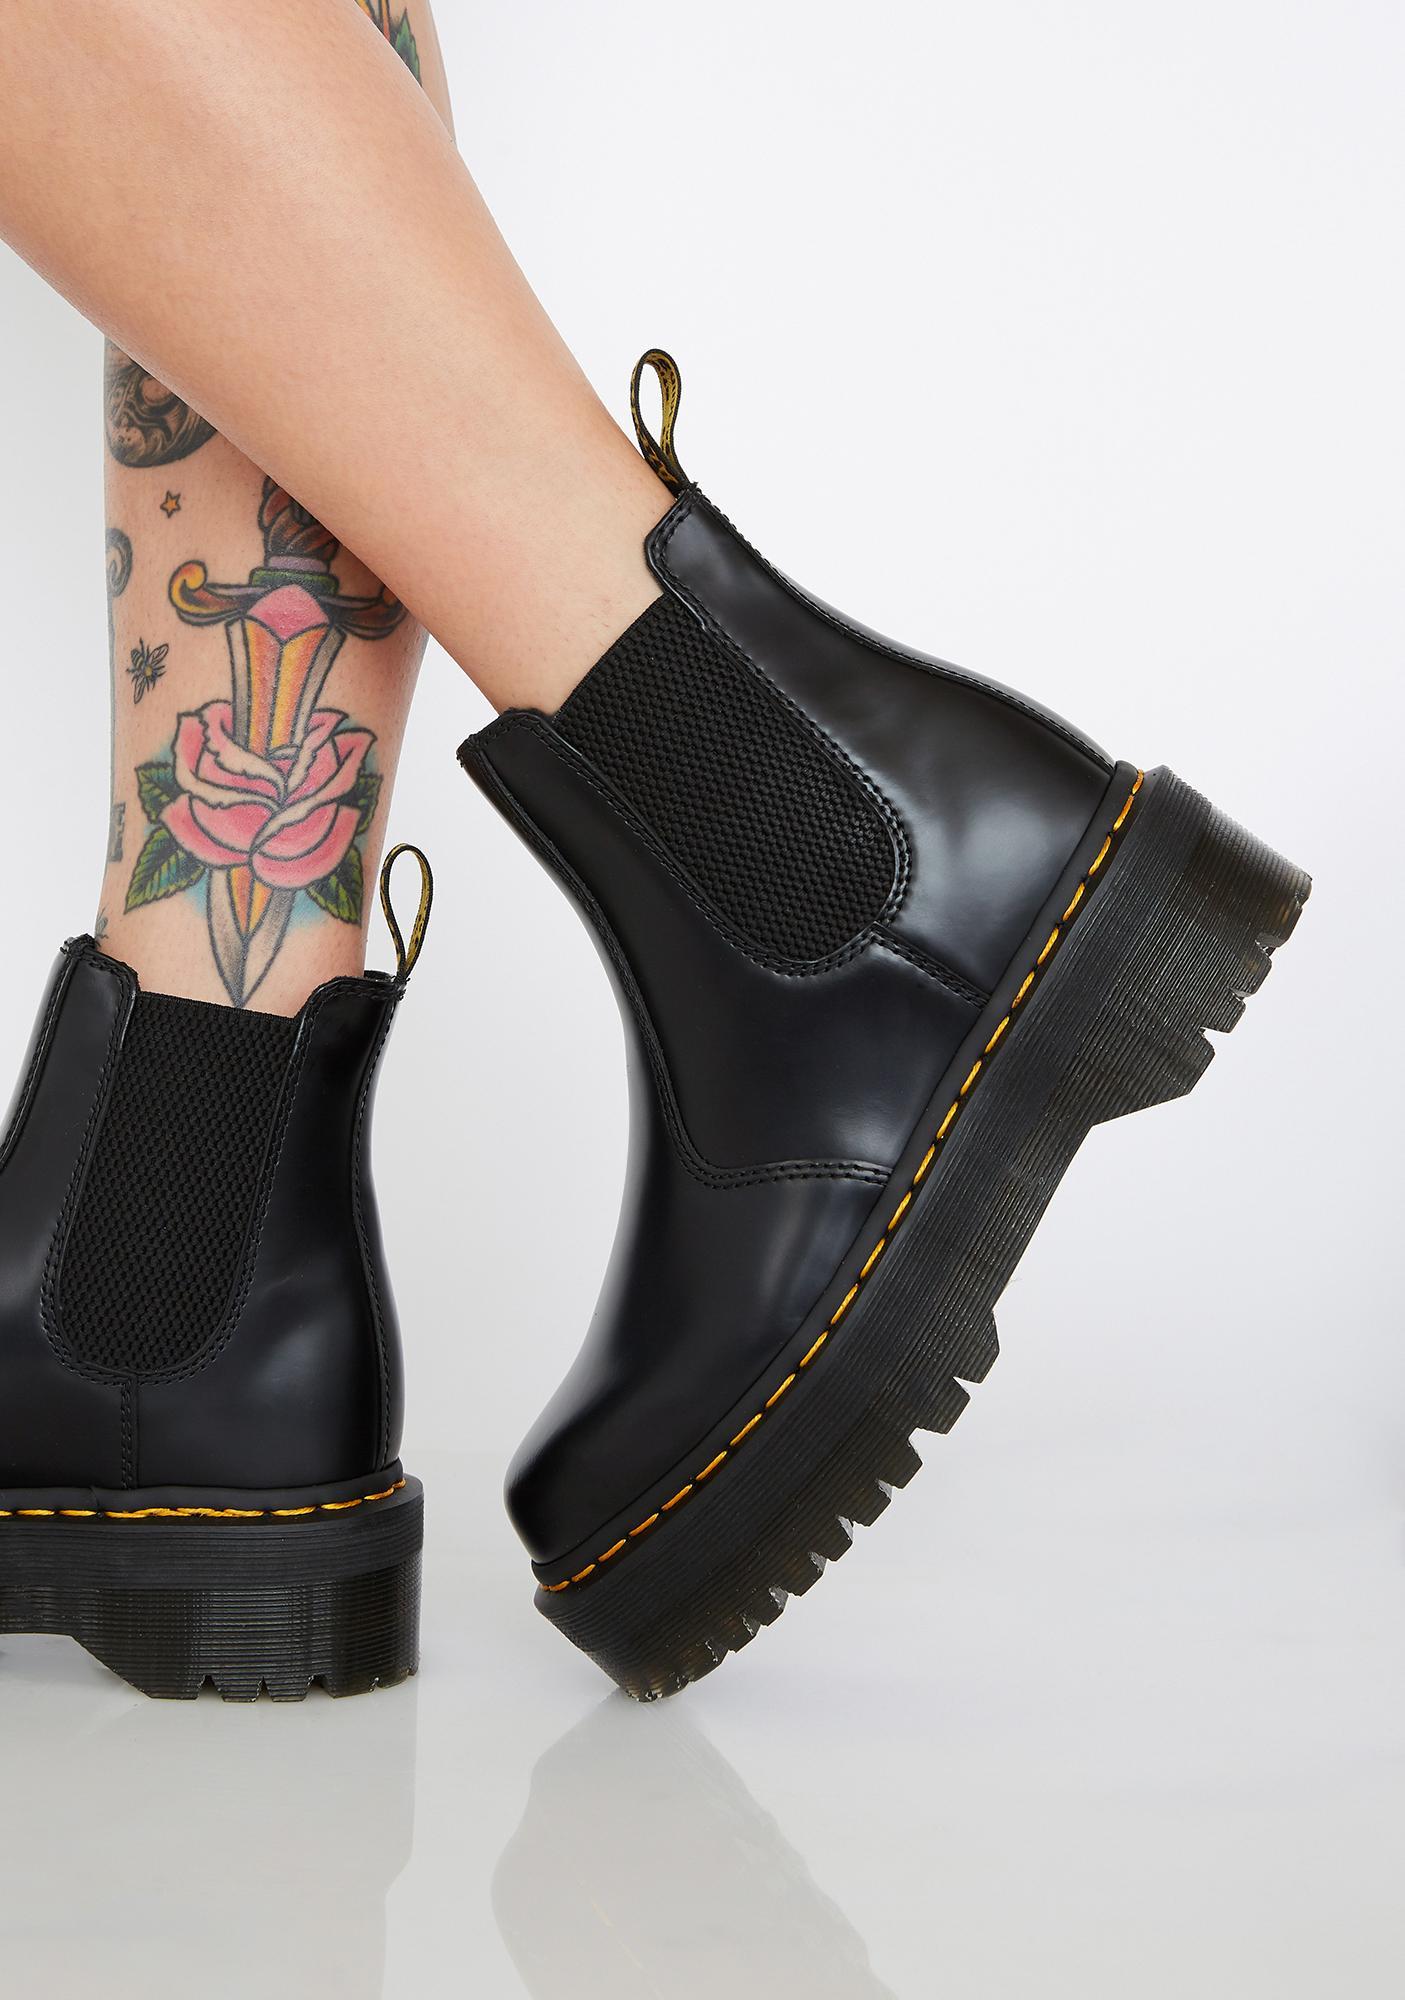 Dr. Martens 2976 Chelsea Quad Boots